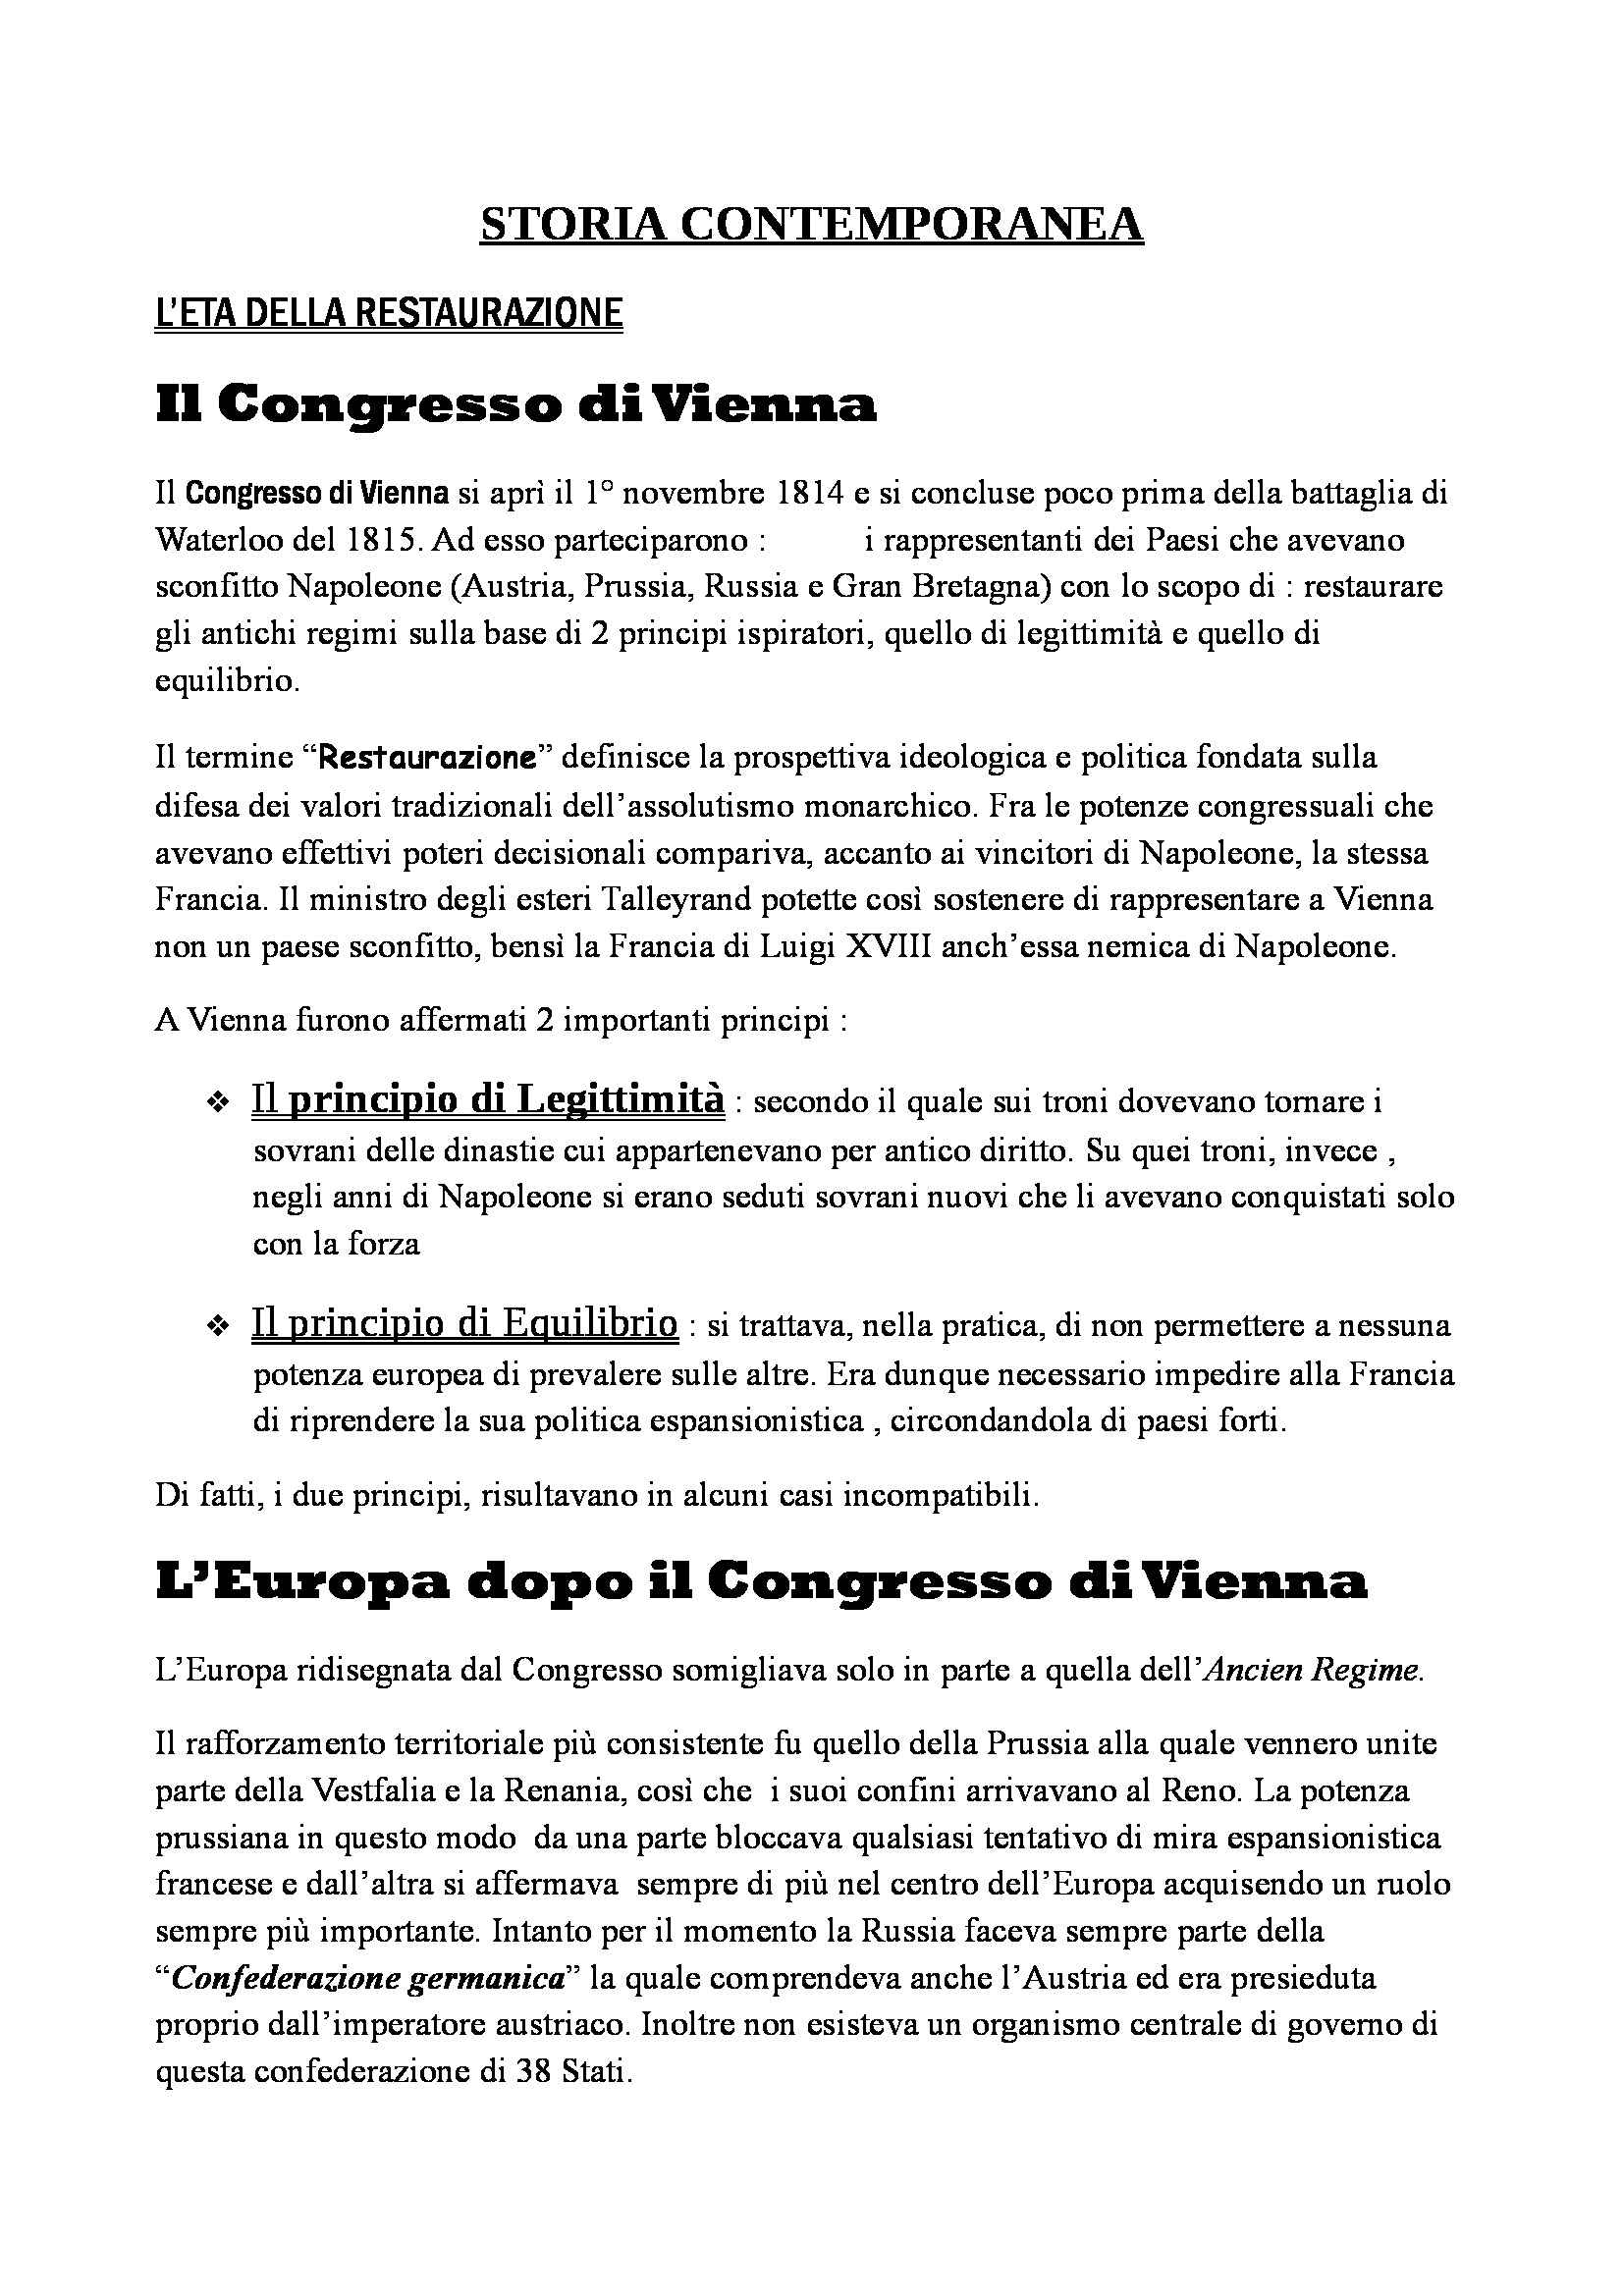 Riassunto esame Storia Contemporanea, prof. De Lorenzo, libro consigliato Elementi di Storia Contemporanea, Luca